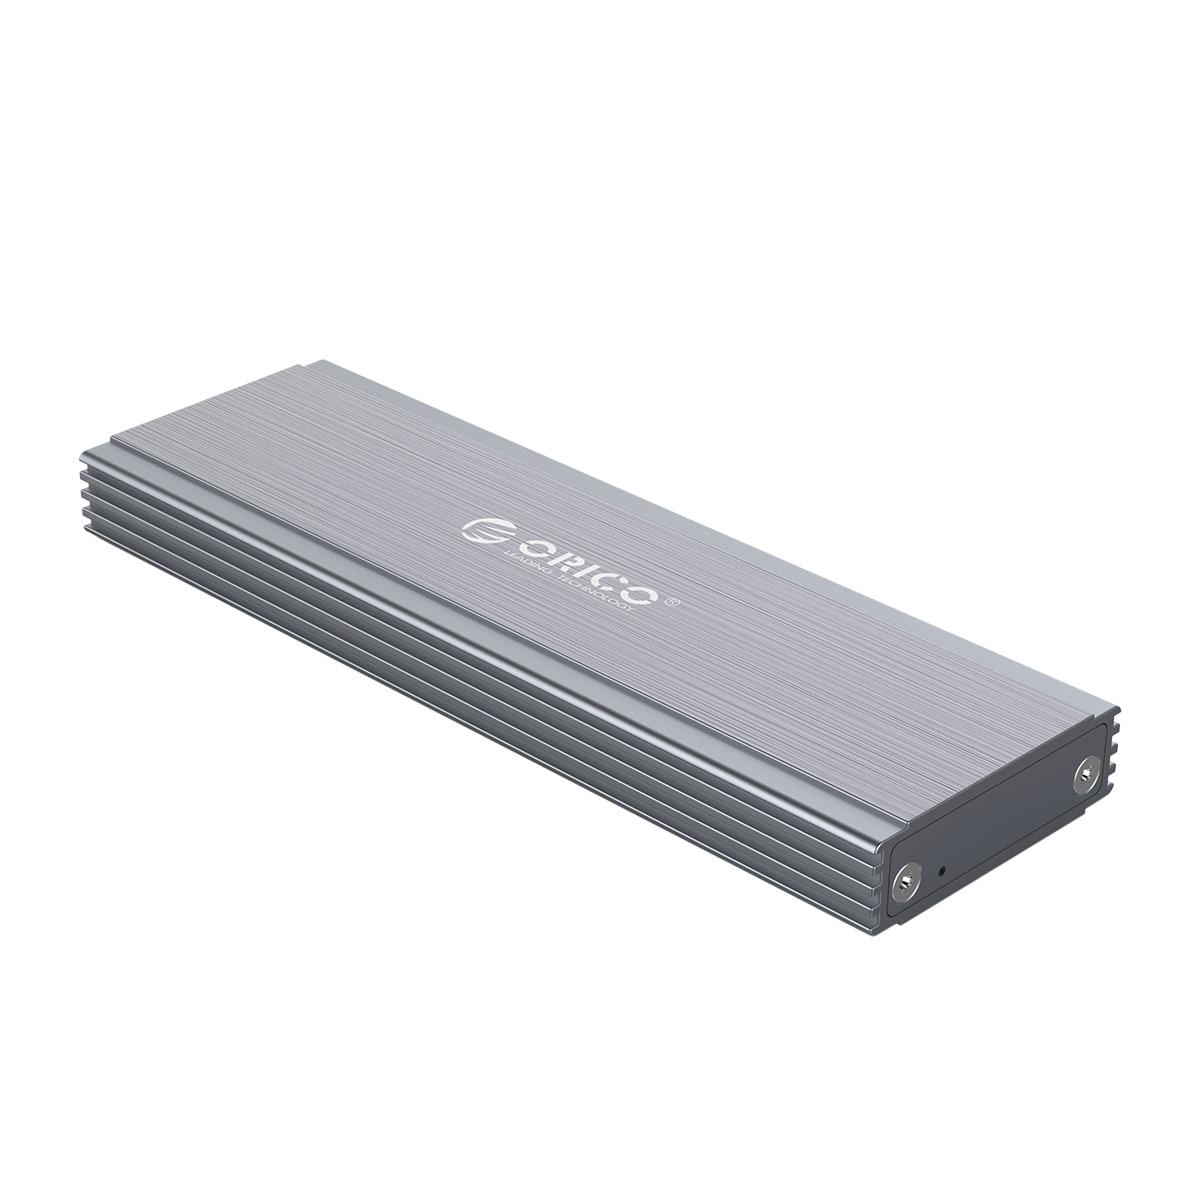 ORICO USB3.1 tipo C NGFF m2 carcasa de disco duro aleación de aluminio 5Gbps SSD carcasa deslizante para disco duro MGFF m2